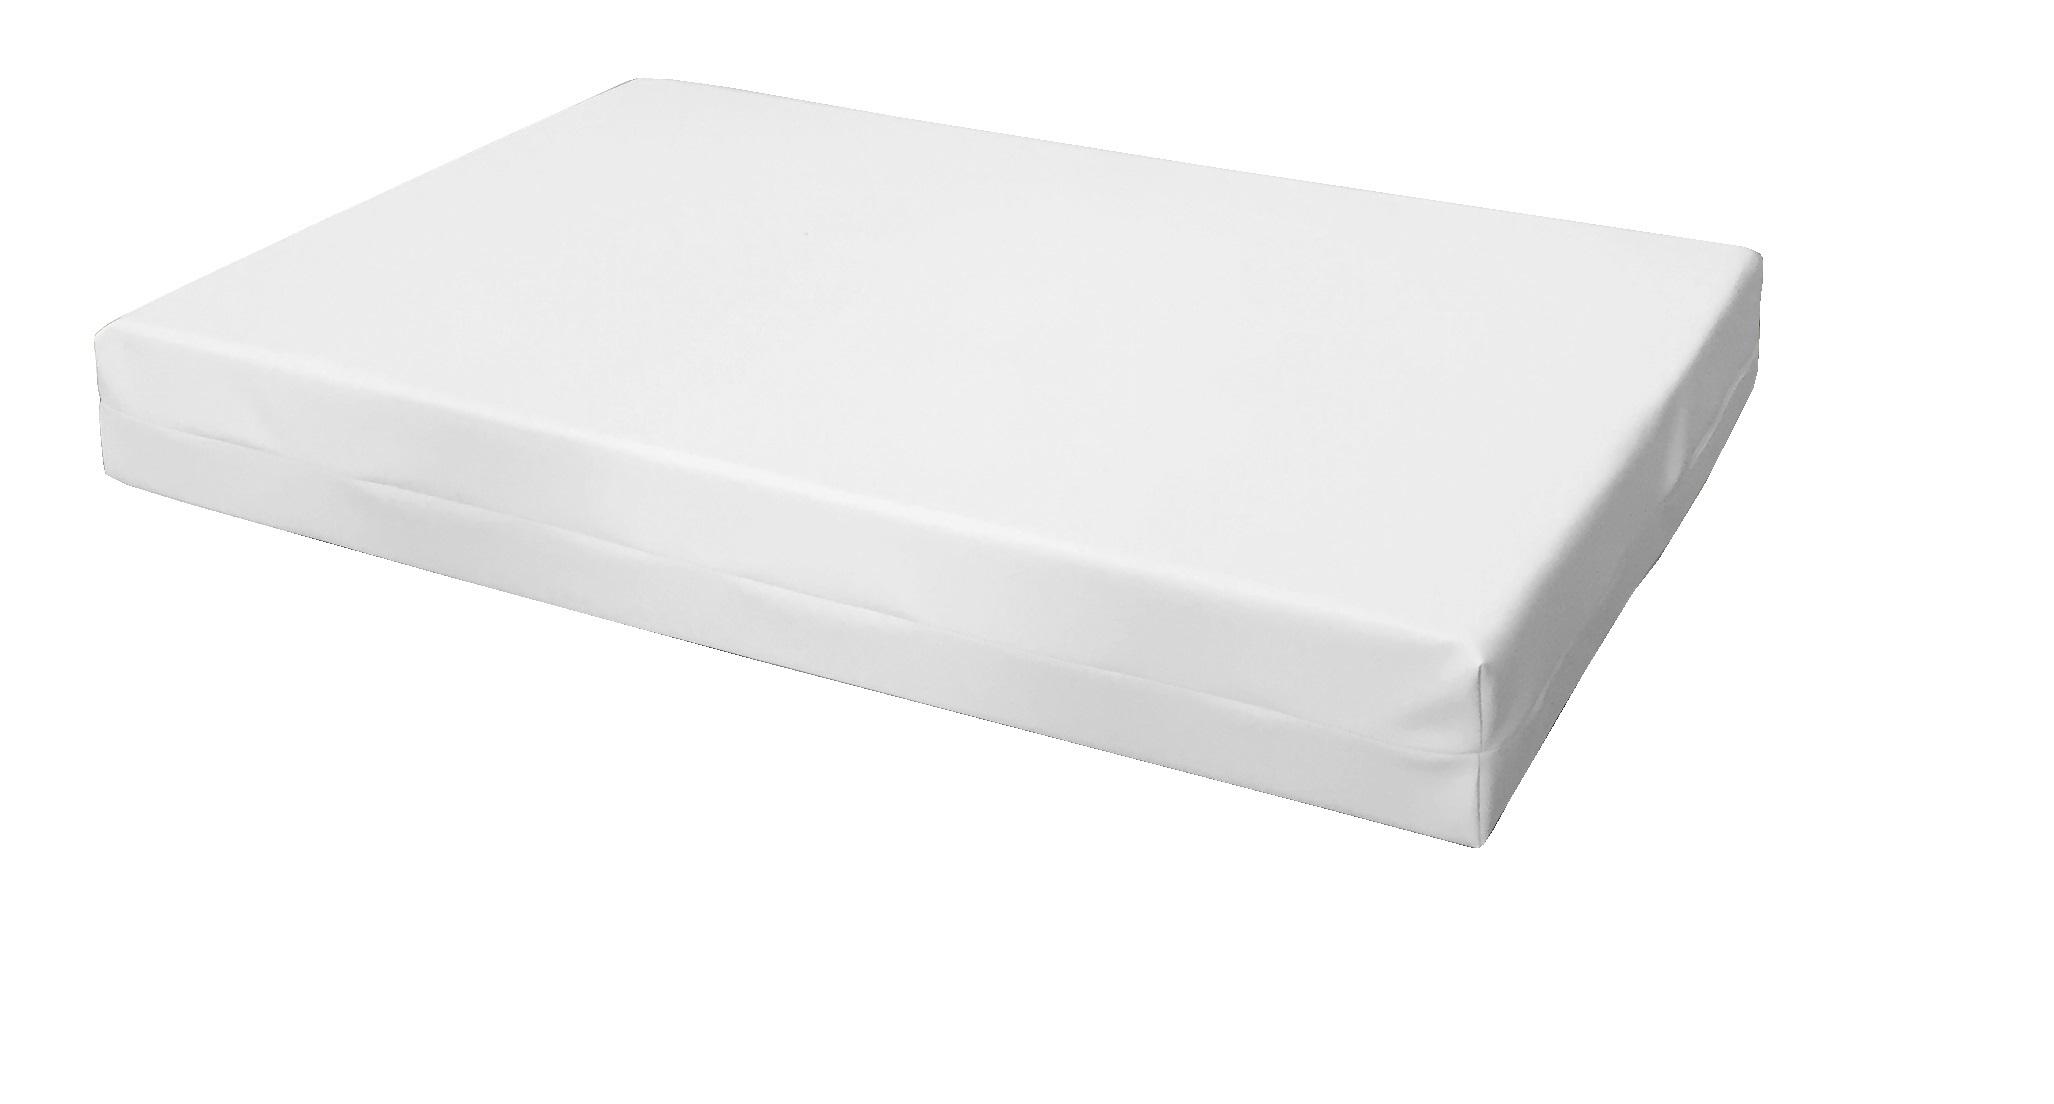 Cuscino per bancale misura 80x120x15 seduta divano pallet microfibra beige ebay - Cuscino per divano ...